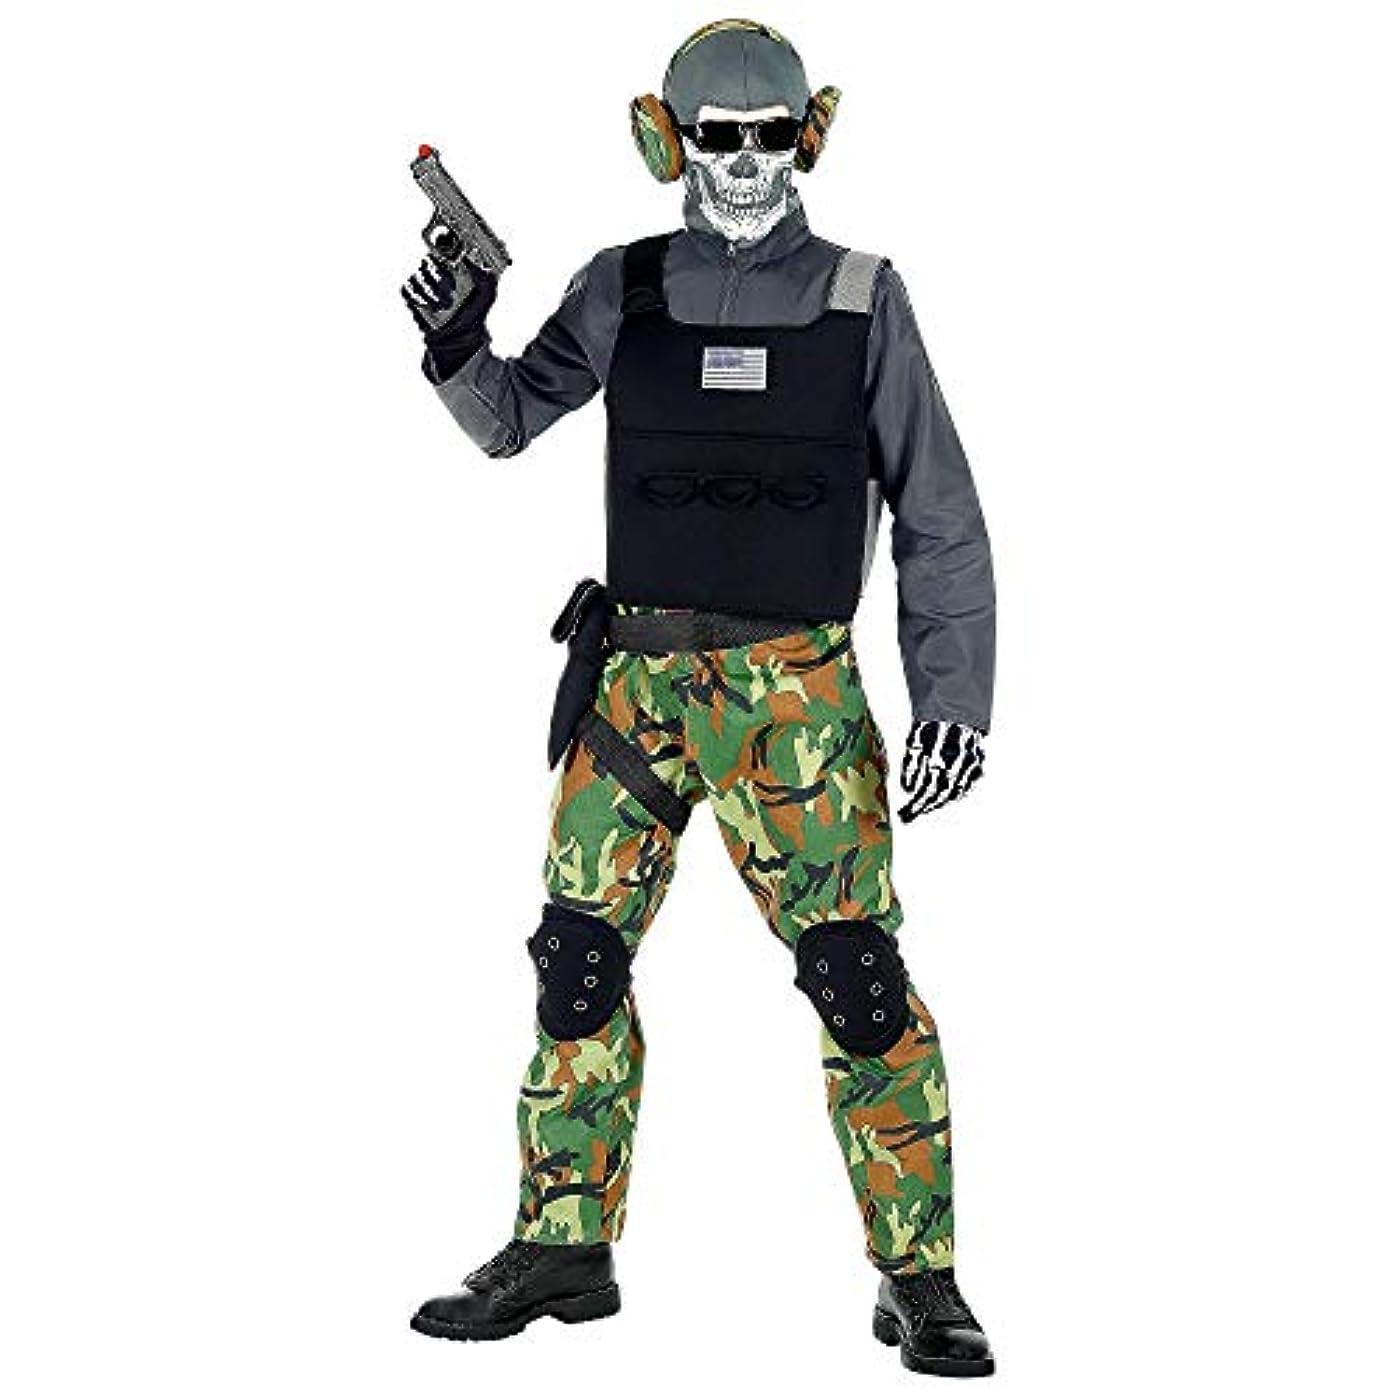 明るくする切り刻むラジエーターワイドマン00128子供用スケルトン兵士コスチュームボーイズブラック/グリーン158 cm